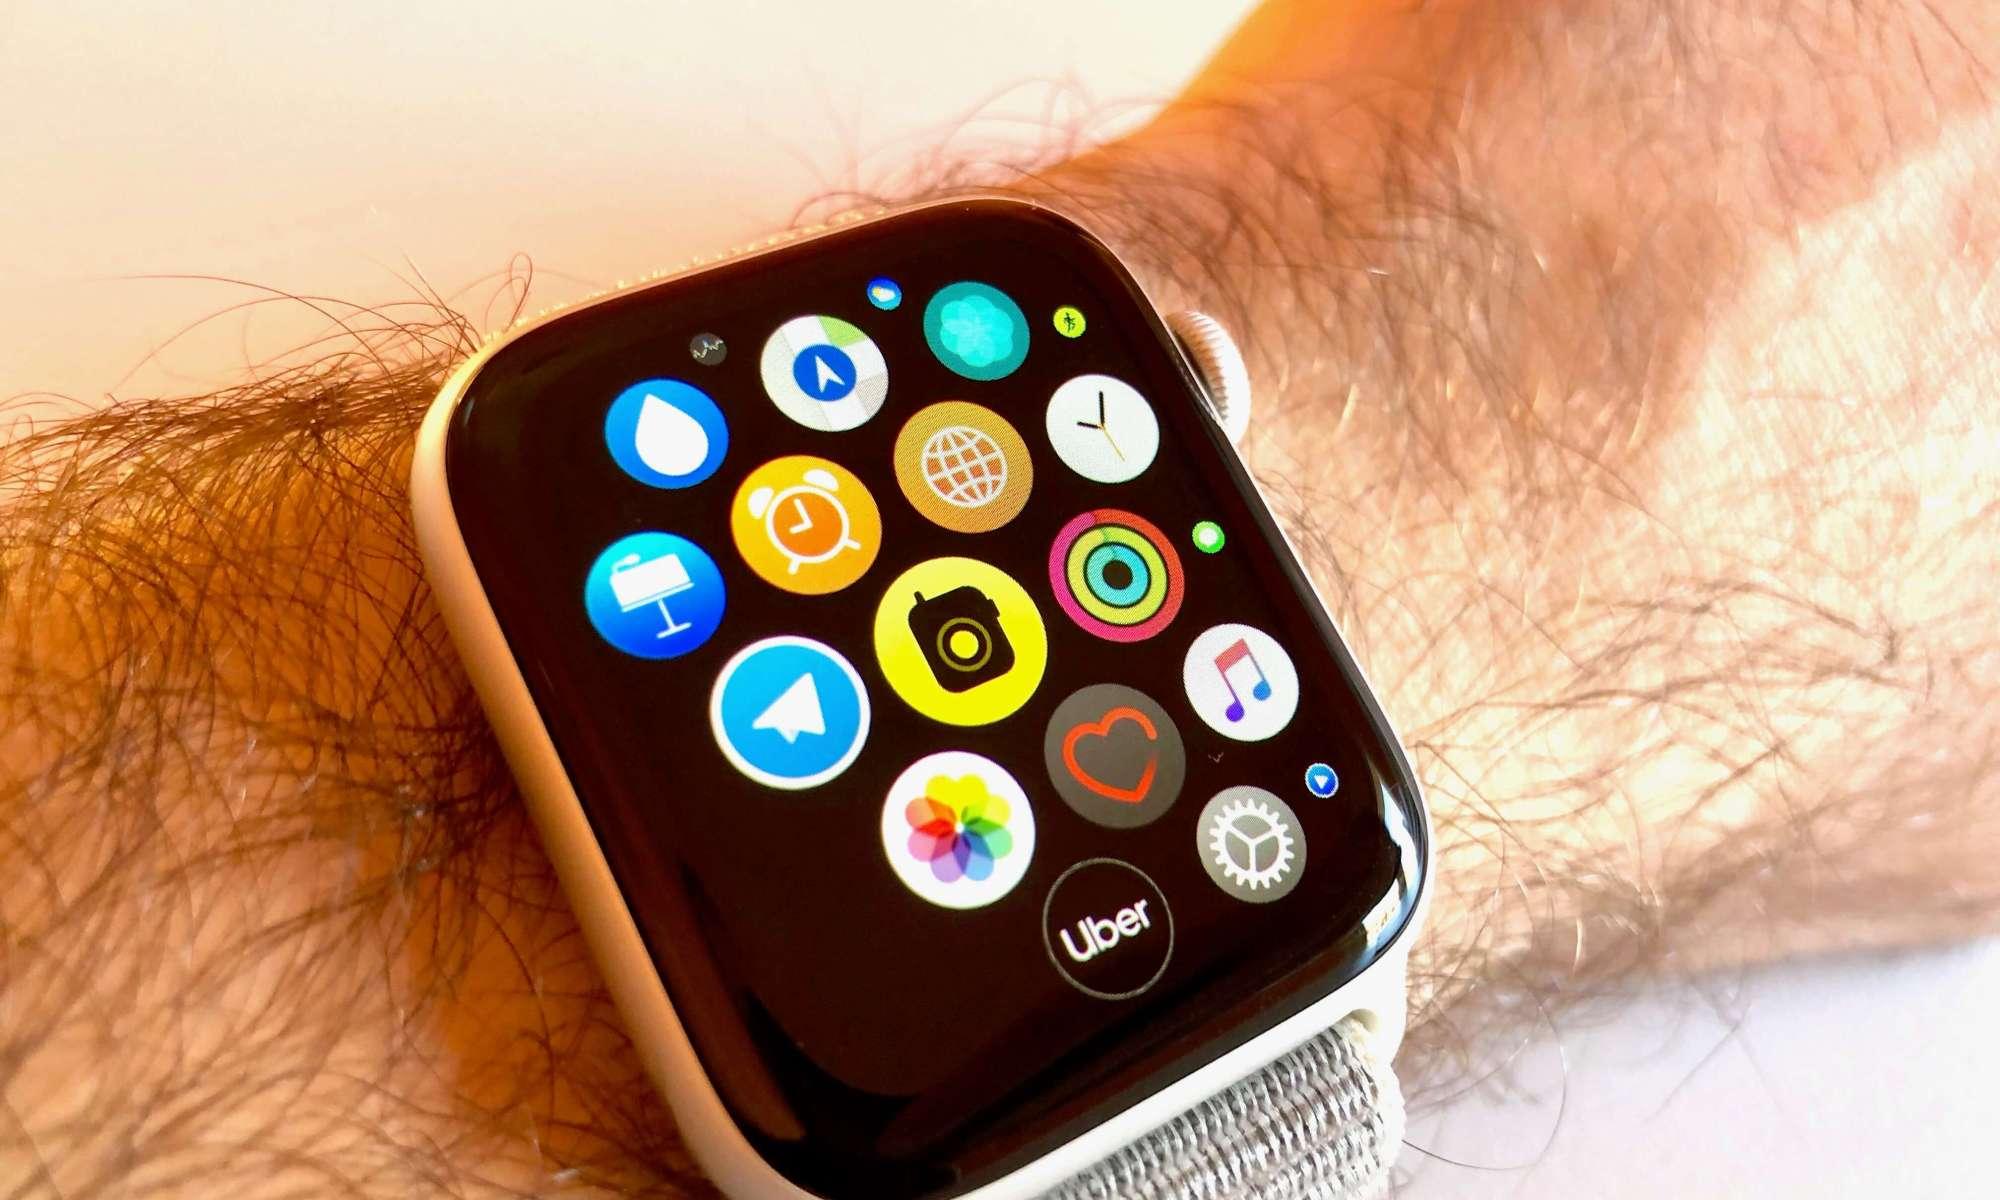 Apple Watch Walkie